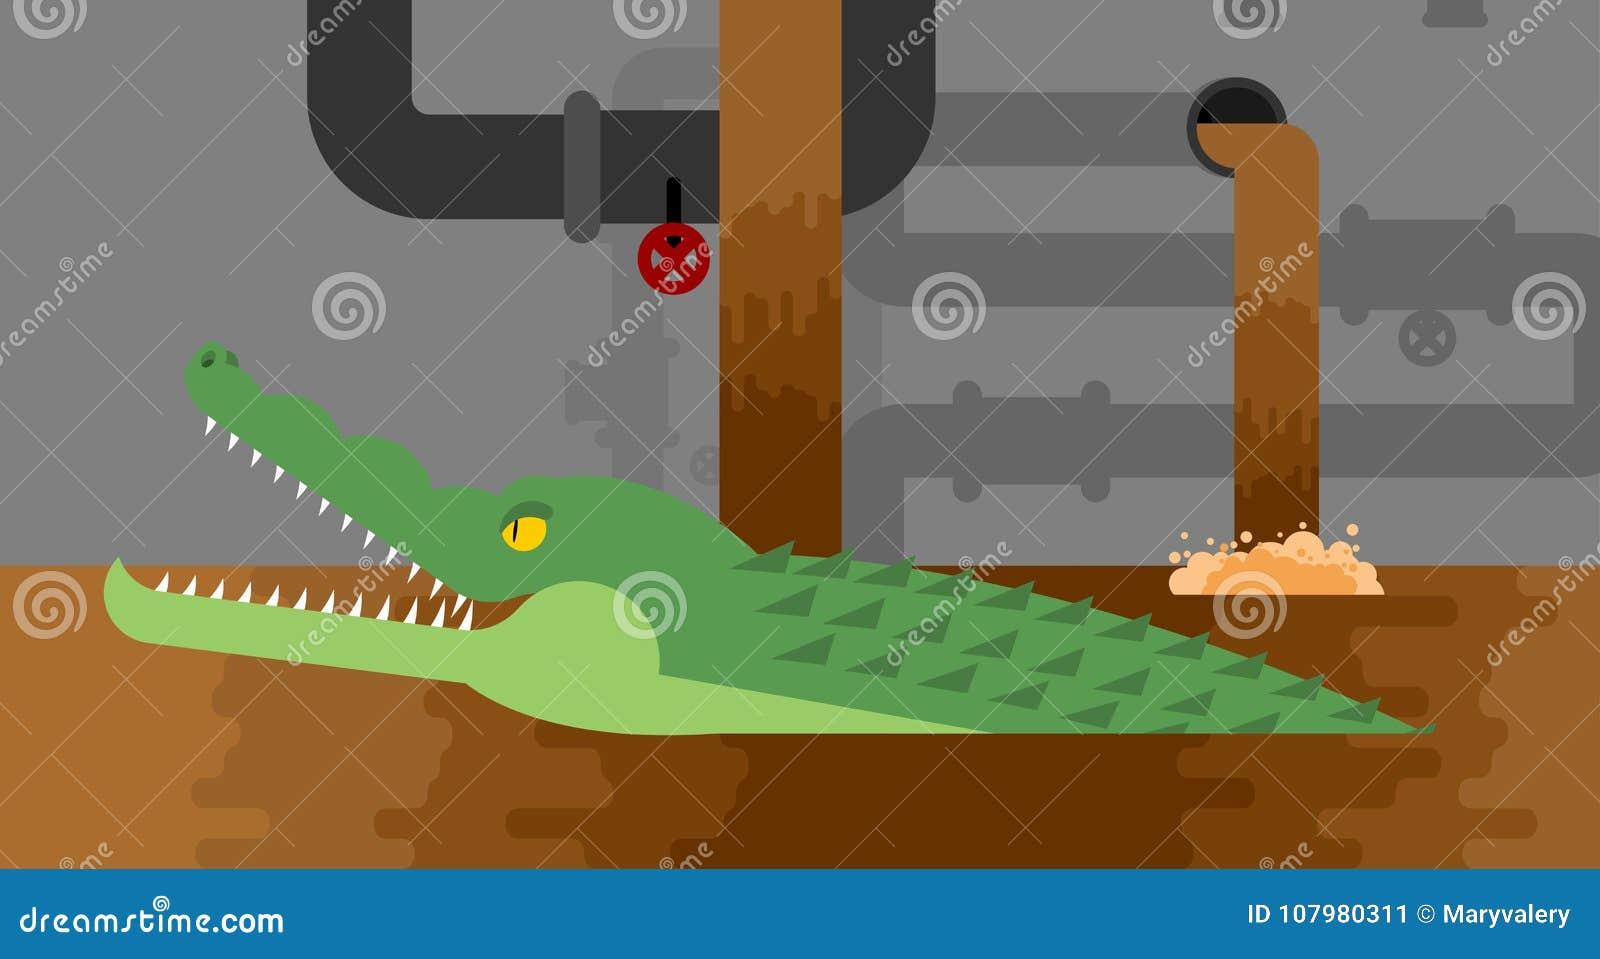 Aligator kanalizacja Krokodyl w kanale ściekowym drapieżnika zwierzę Miasto le